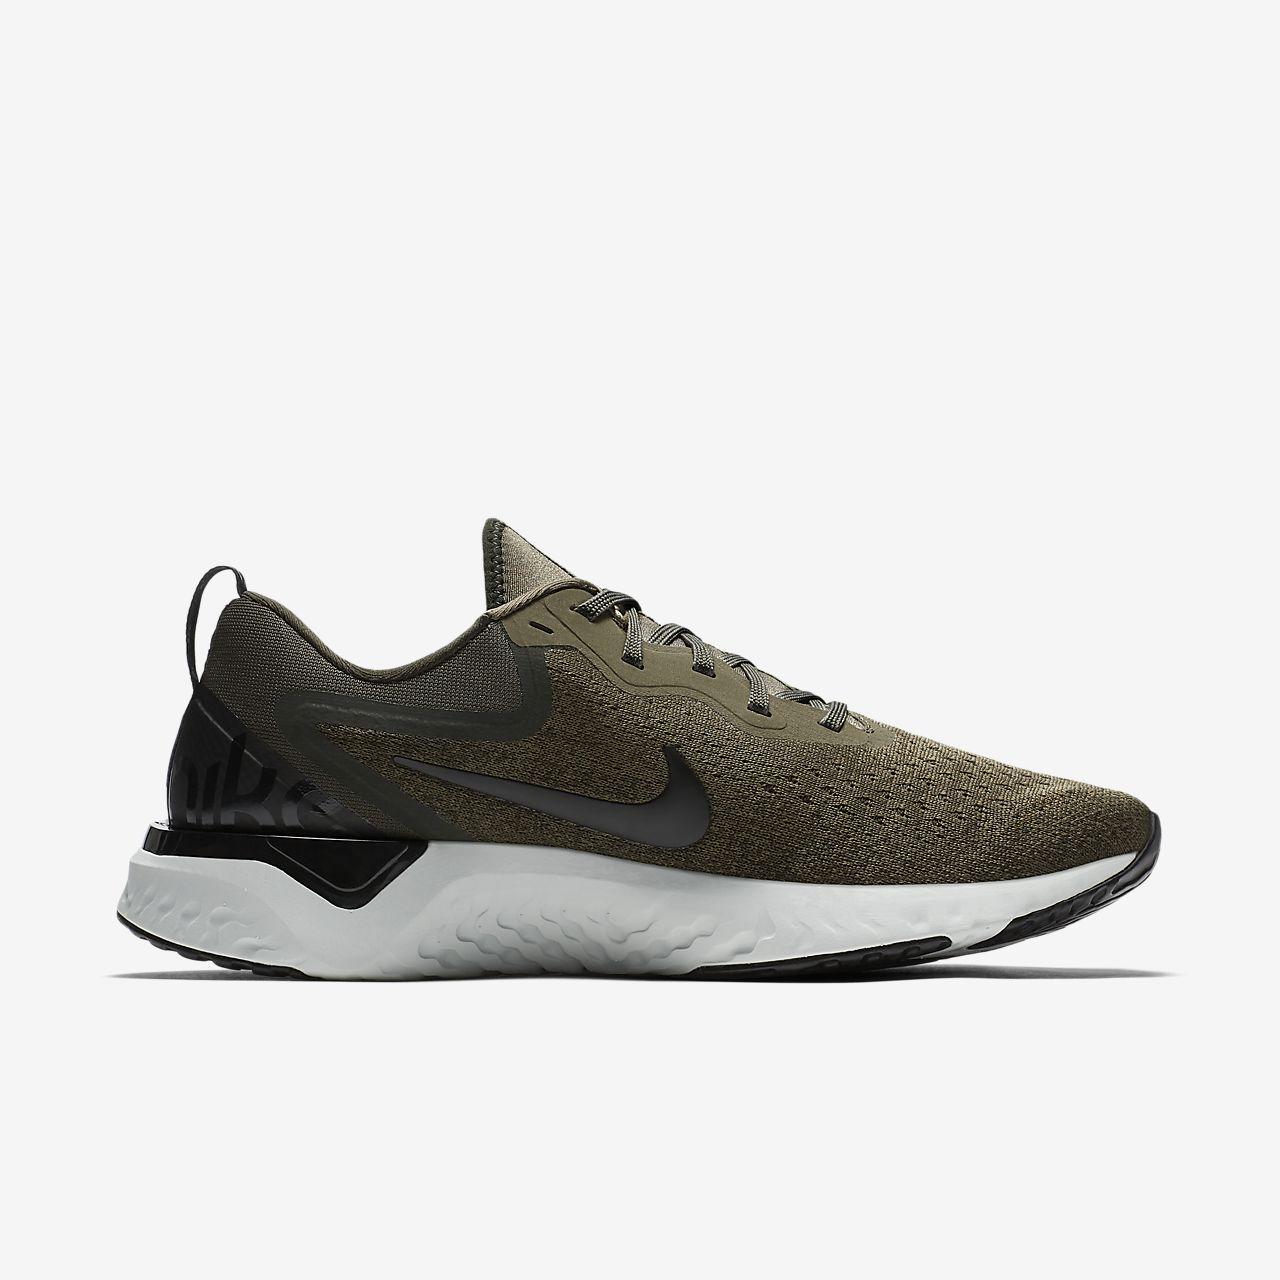 Nike de Performance ODYSSEY REACT Chaussures de Nike running neutres Noir 6a2098